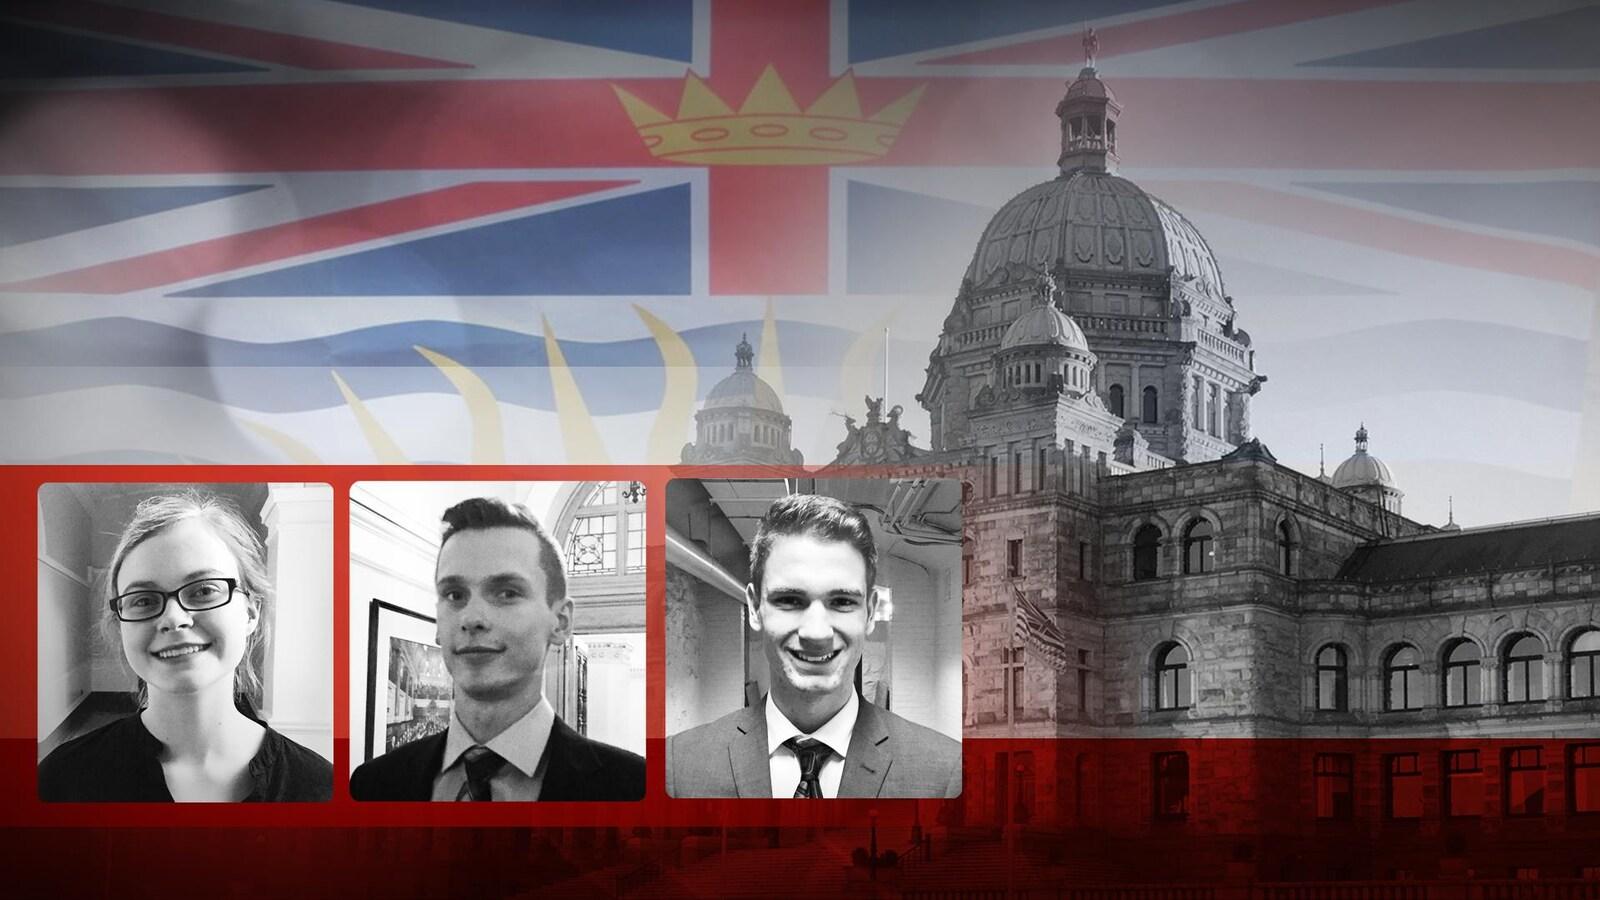 Trois jeunes francophones politisés de la Colombie-Britannique, Emma Dreher, Stéphane Gaudet et Greyden Girouard, devant l'Assemblée législative de Victoria